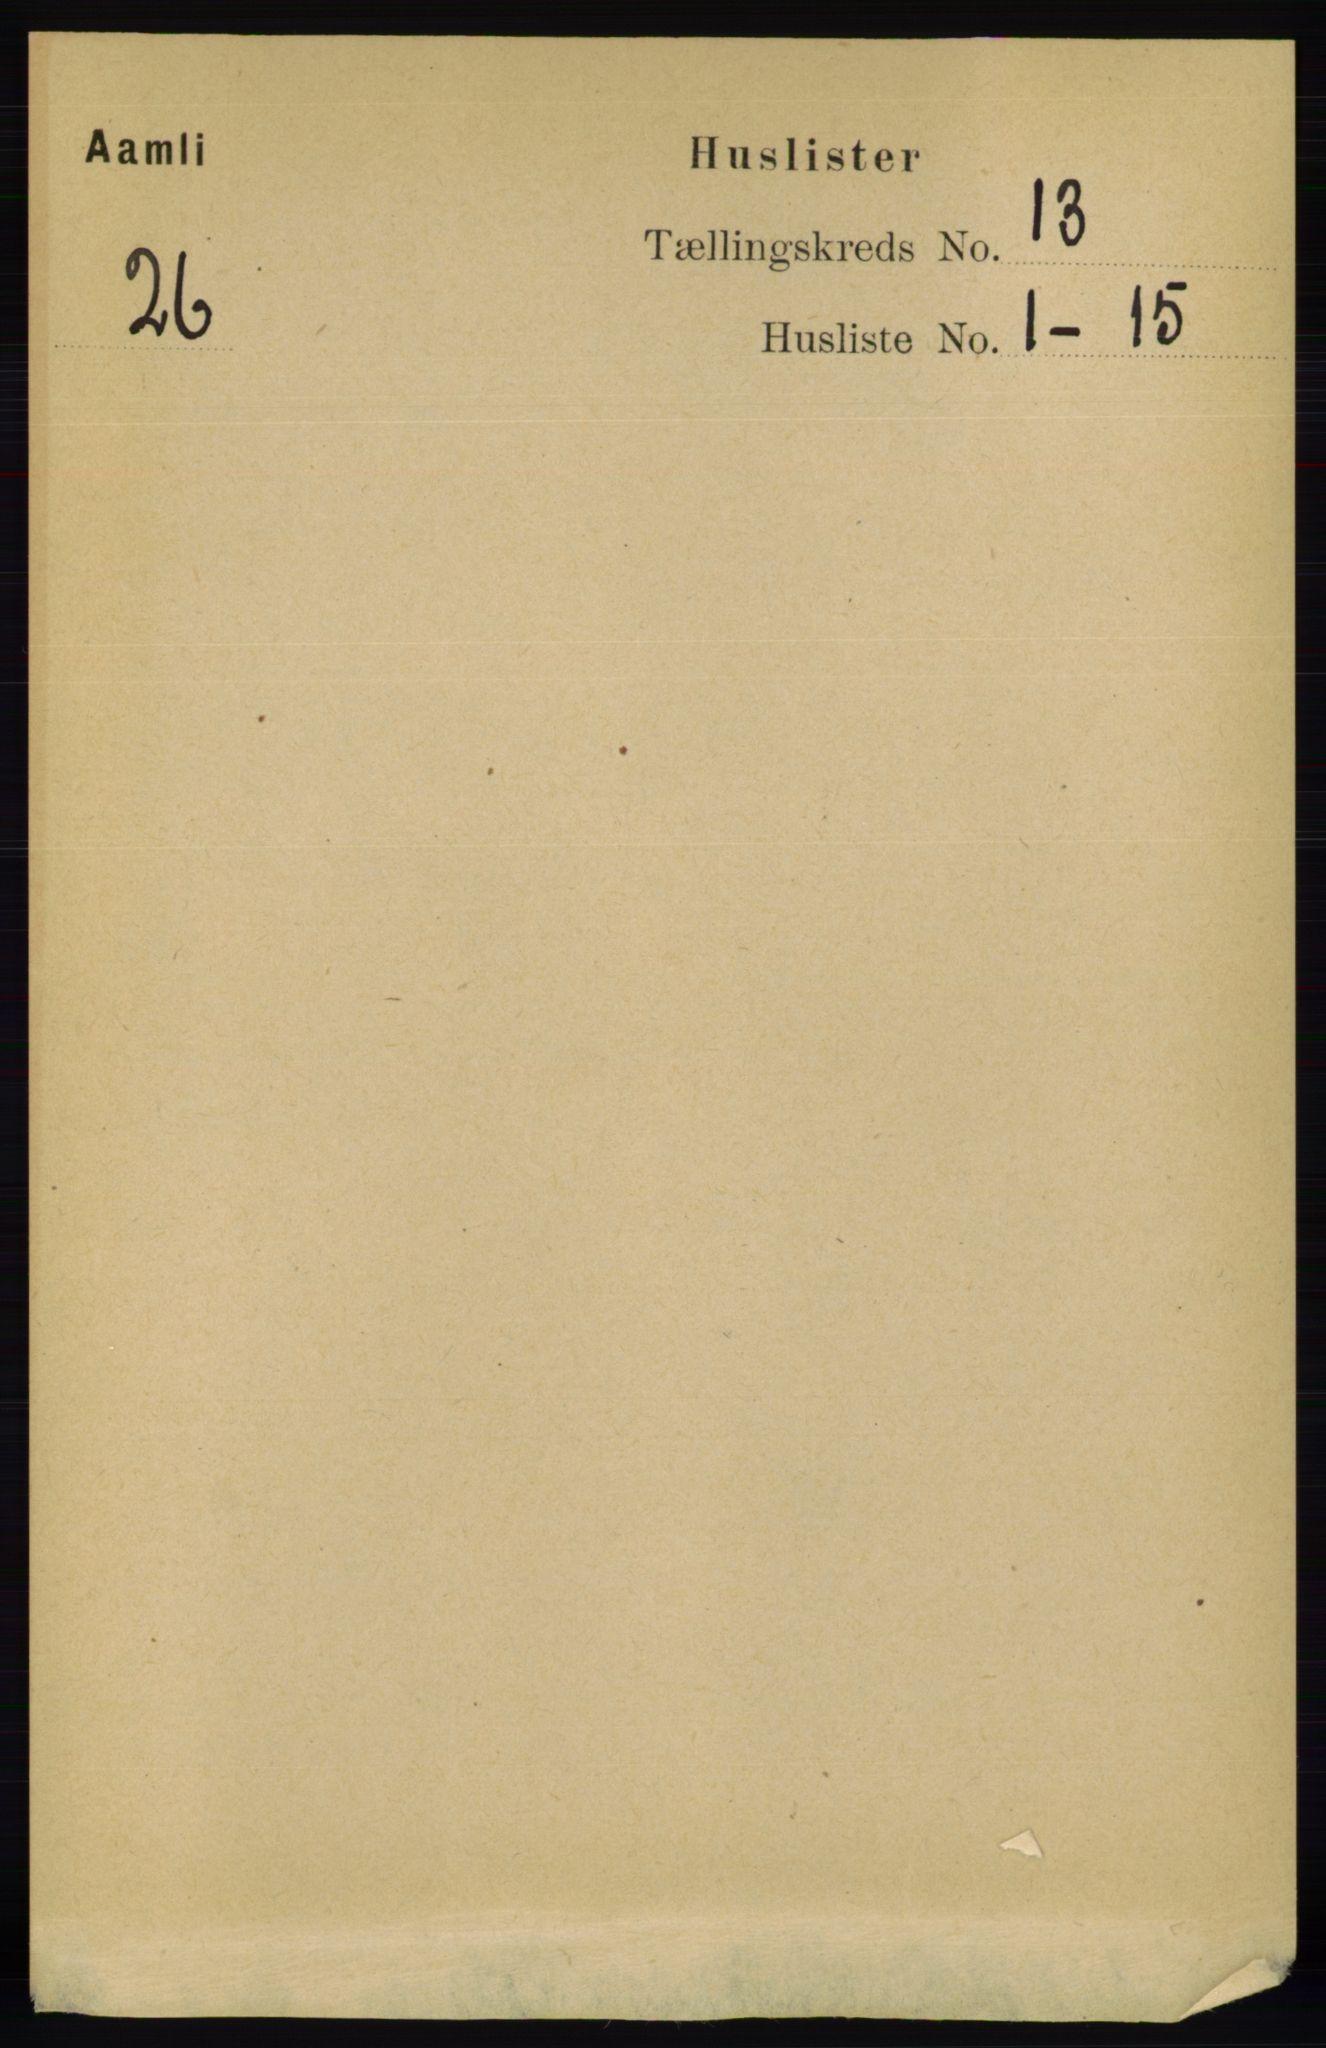 RA, Folketelling 1891 for 0929 Åmli herred, 1891, s. 2131